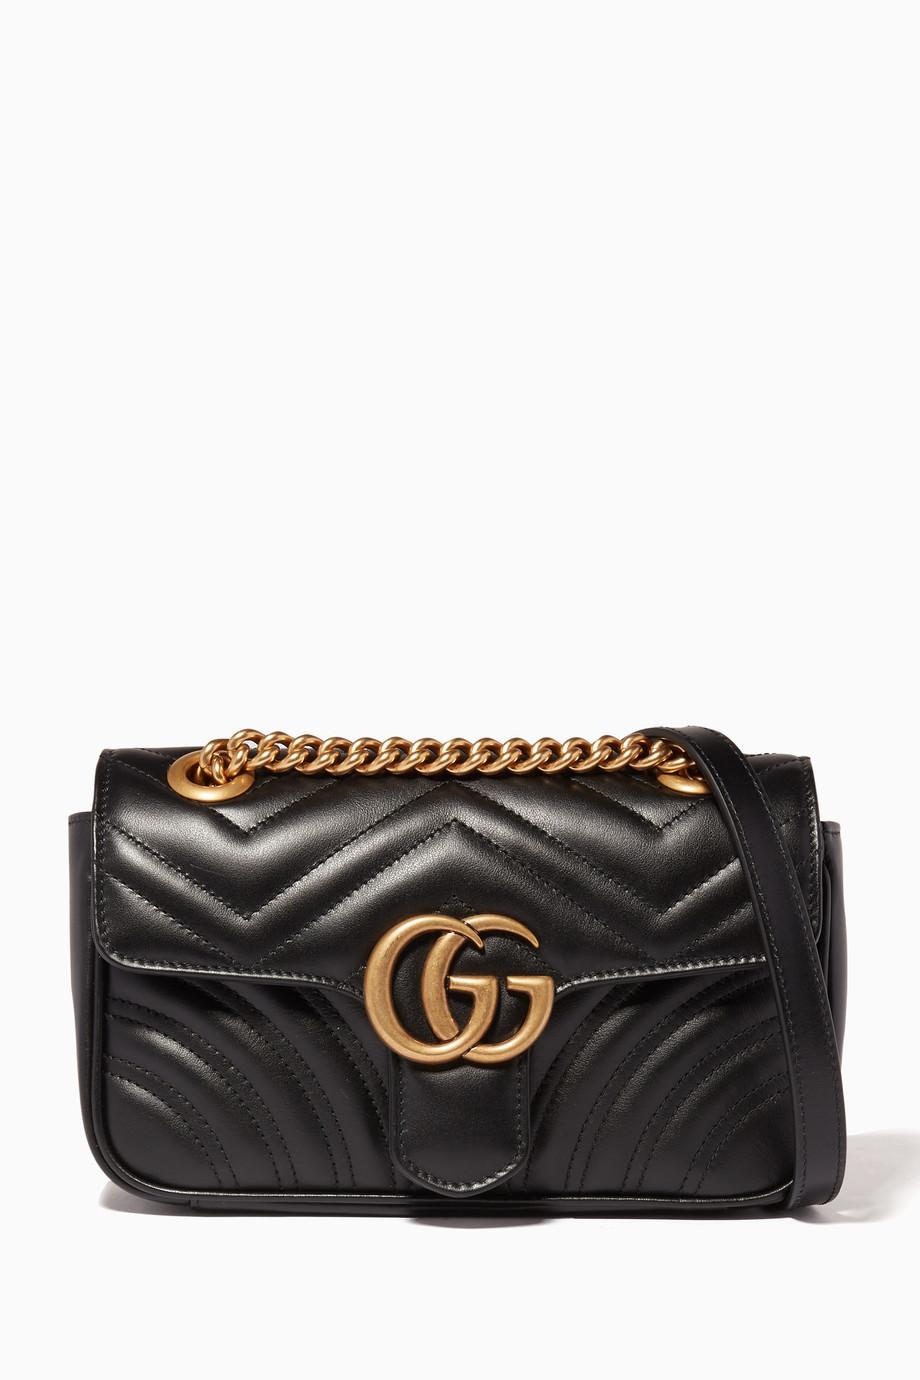 30869c58 Shop Gucci Black Black Mini GG Marmont 2.0 Matelassé Shoulder ...